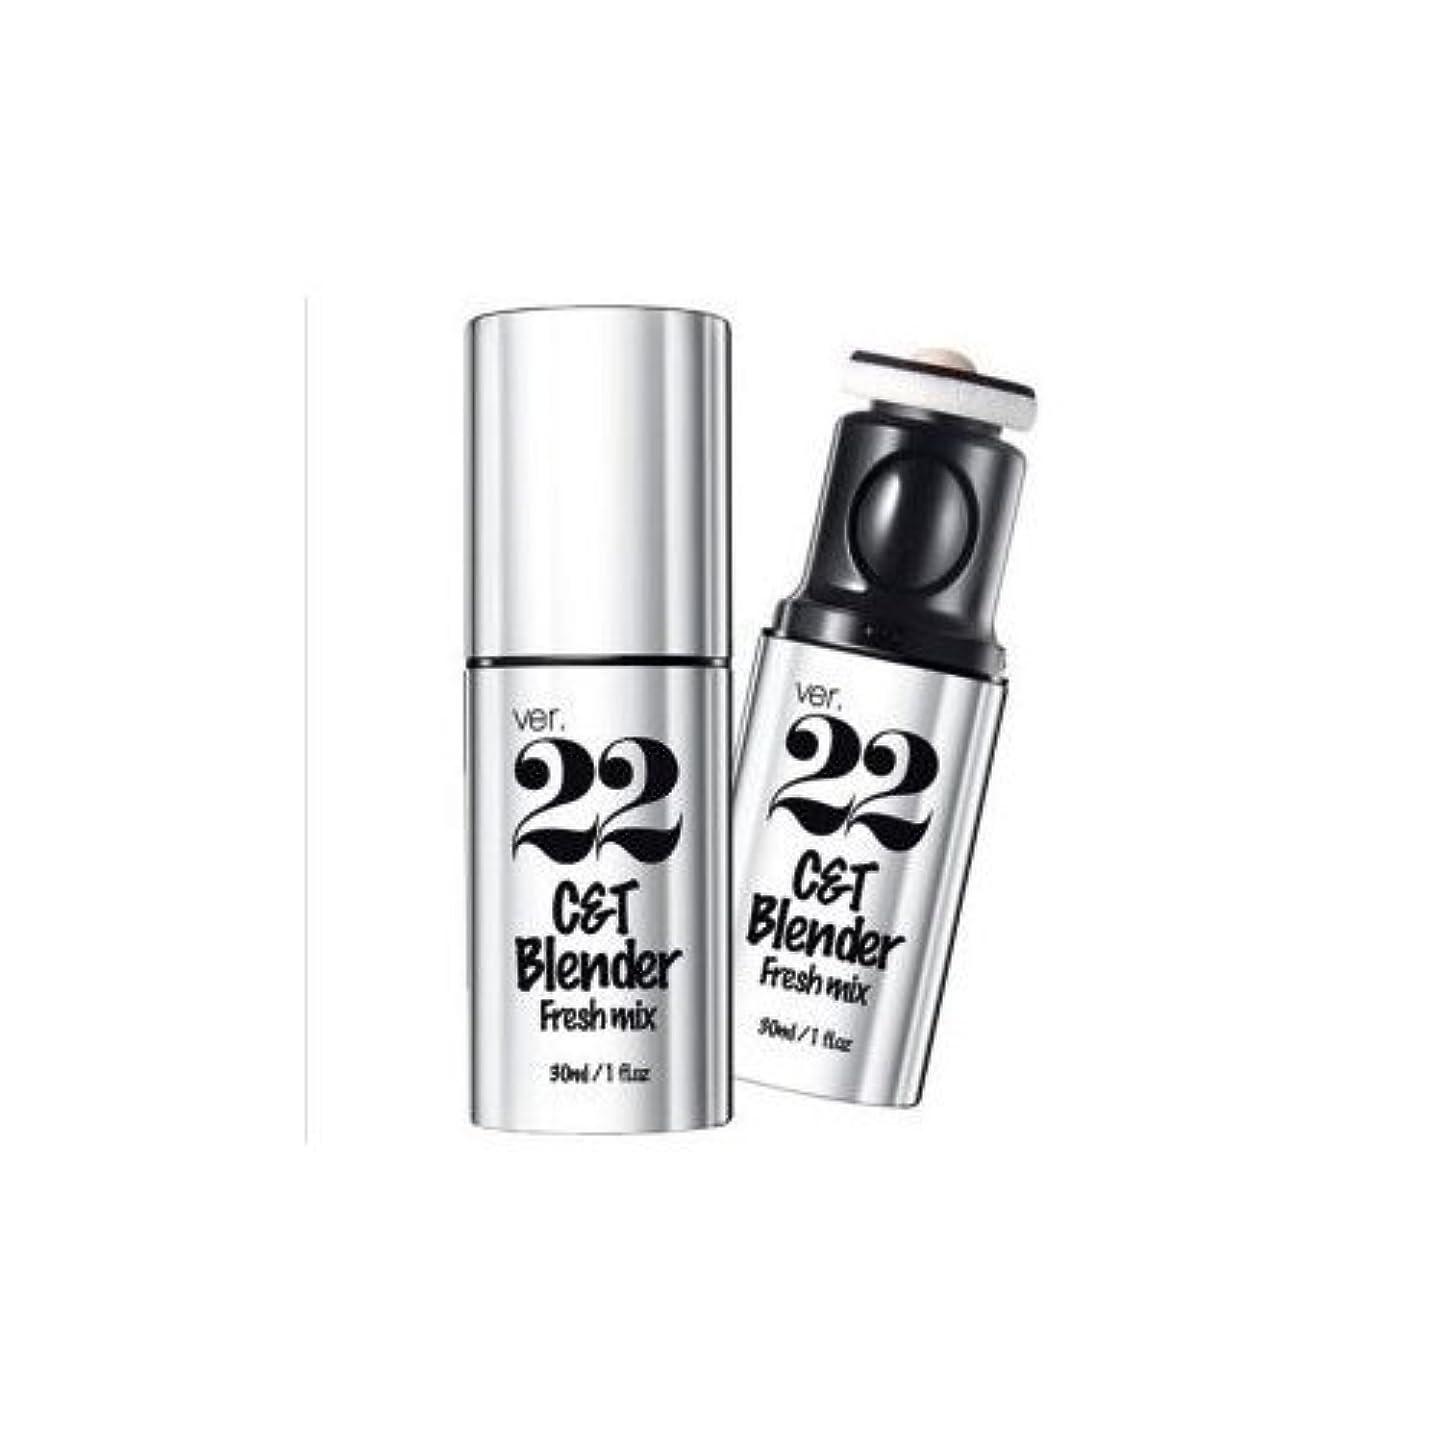 偶然危険ベストchosungah22 C&T Blender Fresh Mix 30ml, Capsule Foundation, #01, Korean Cosmetics